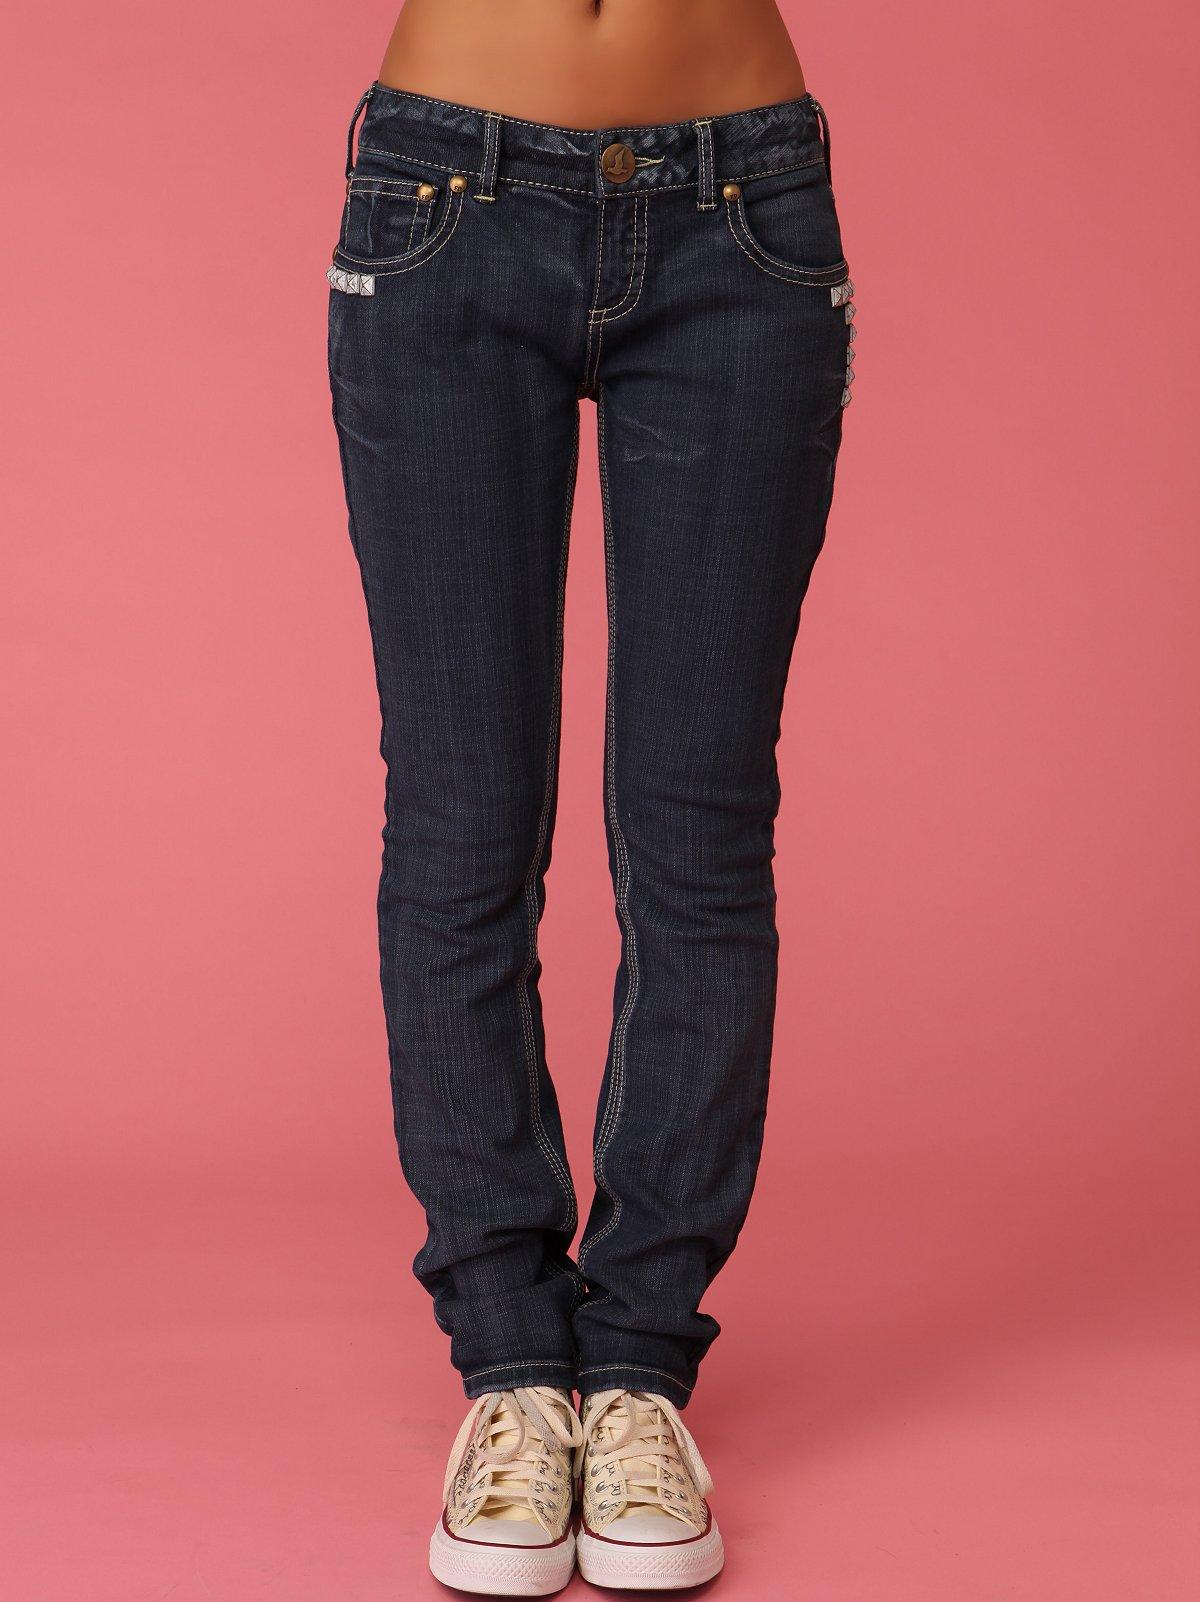 FP Skinny Stud Jeans